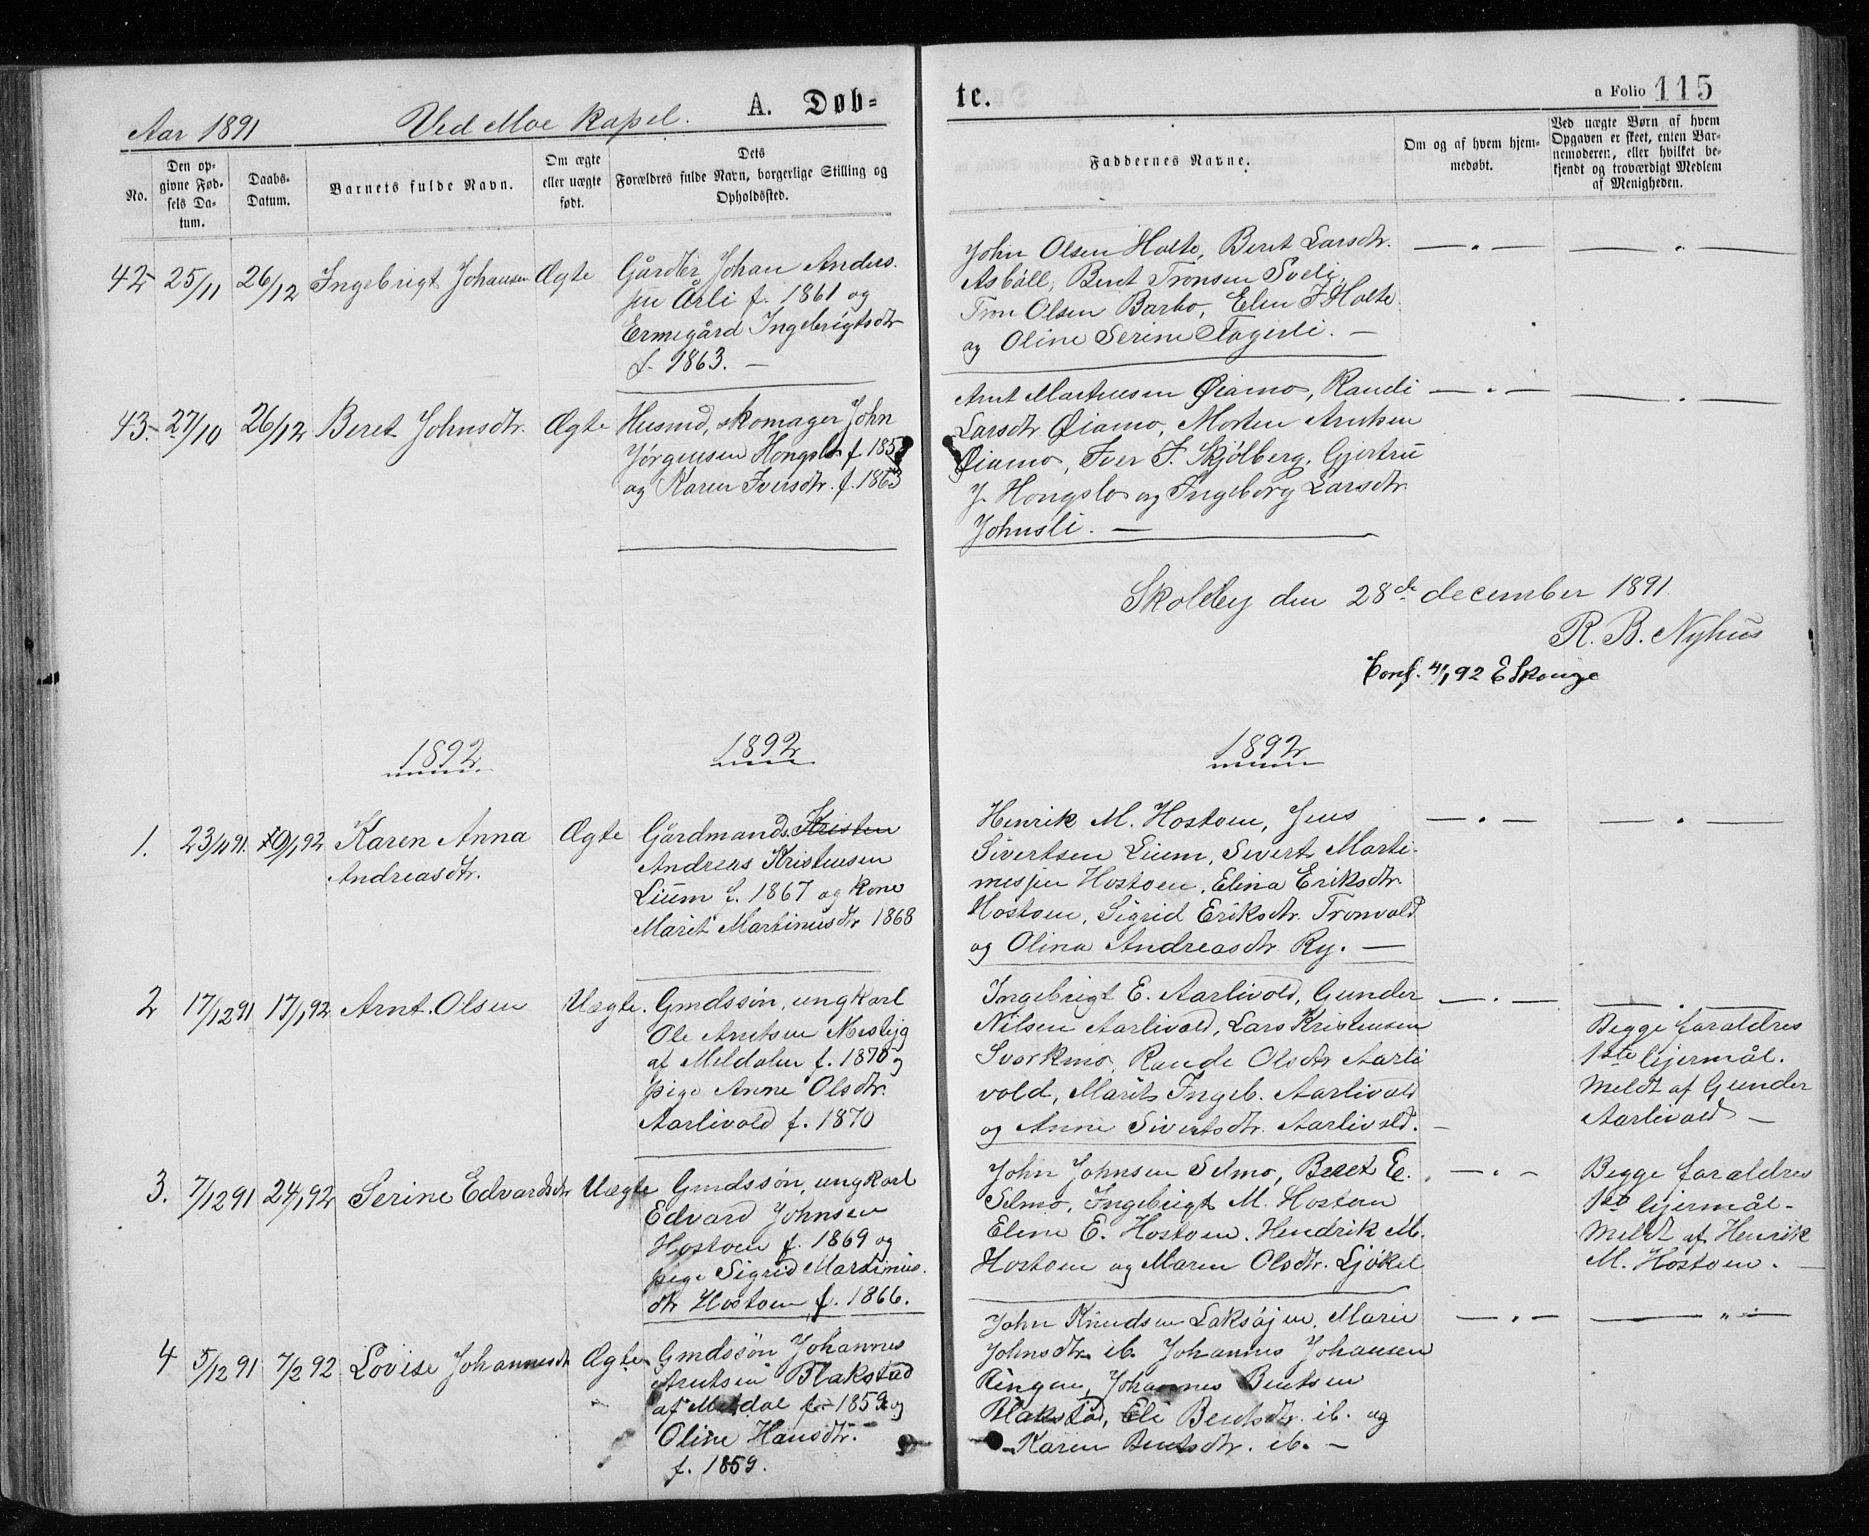 SAT, Ministerialprotokoller, klokkerbøker og fødselsregistre - Sør-Trøndelag, 671/L0843: Klokkerbok nr. 671C02, 1873-1892, s. 115